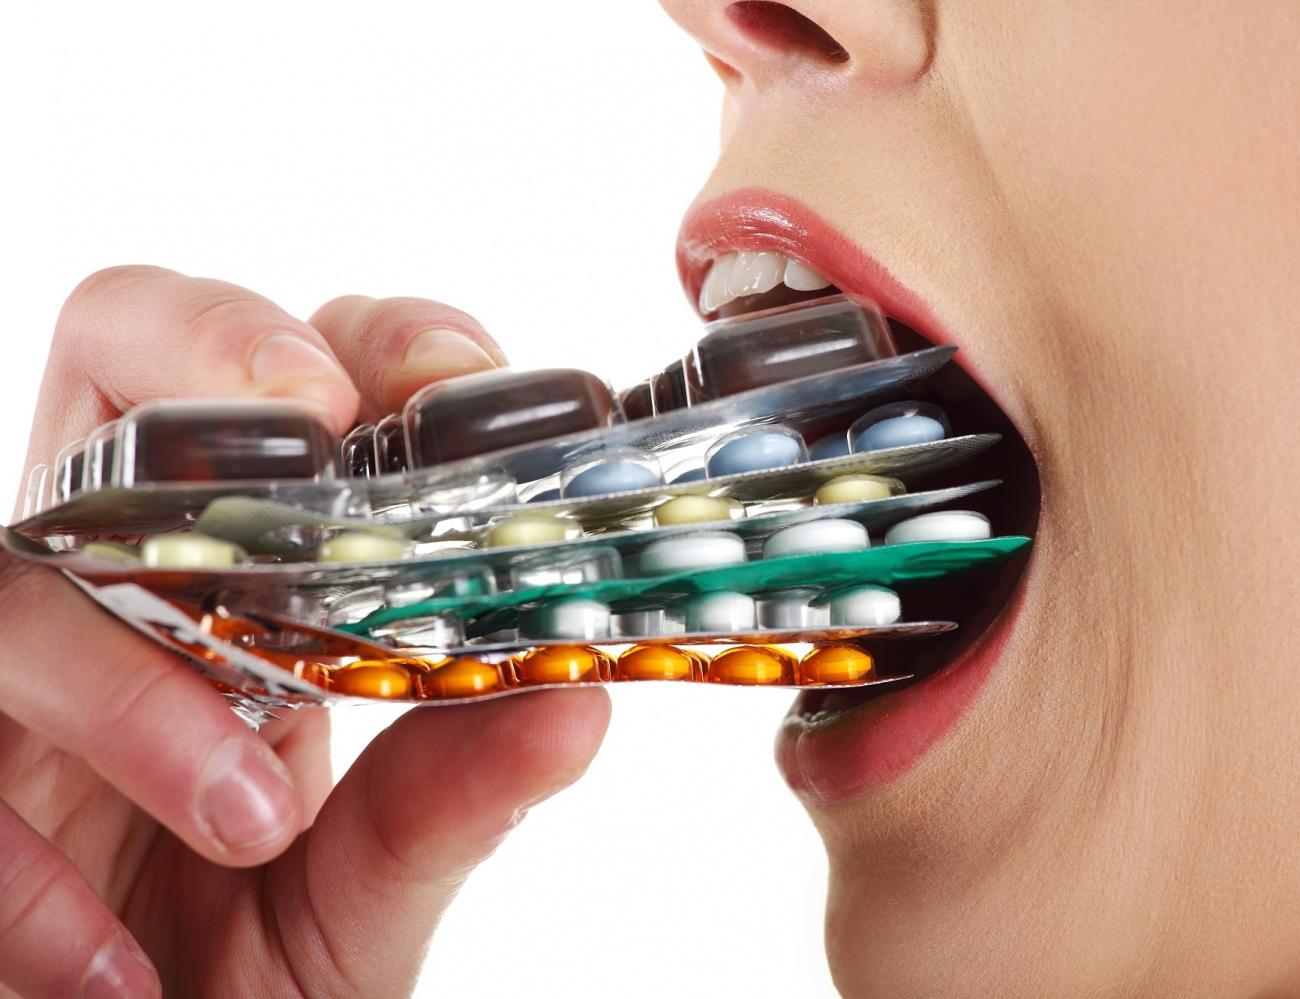 К каким антибиотикам чаще всего встречается устойчивость у казахстанцев